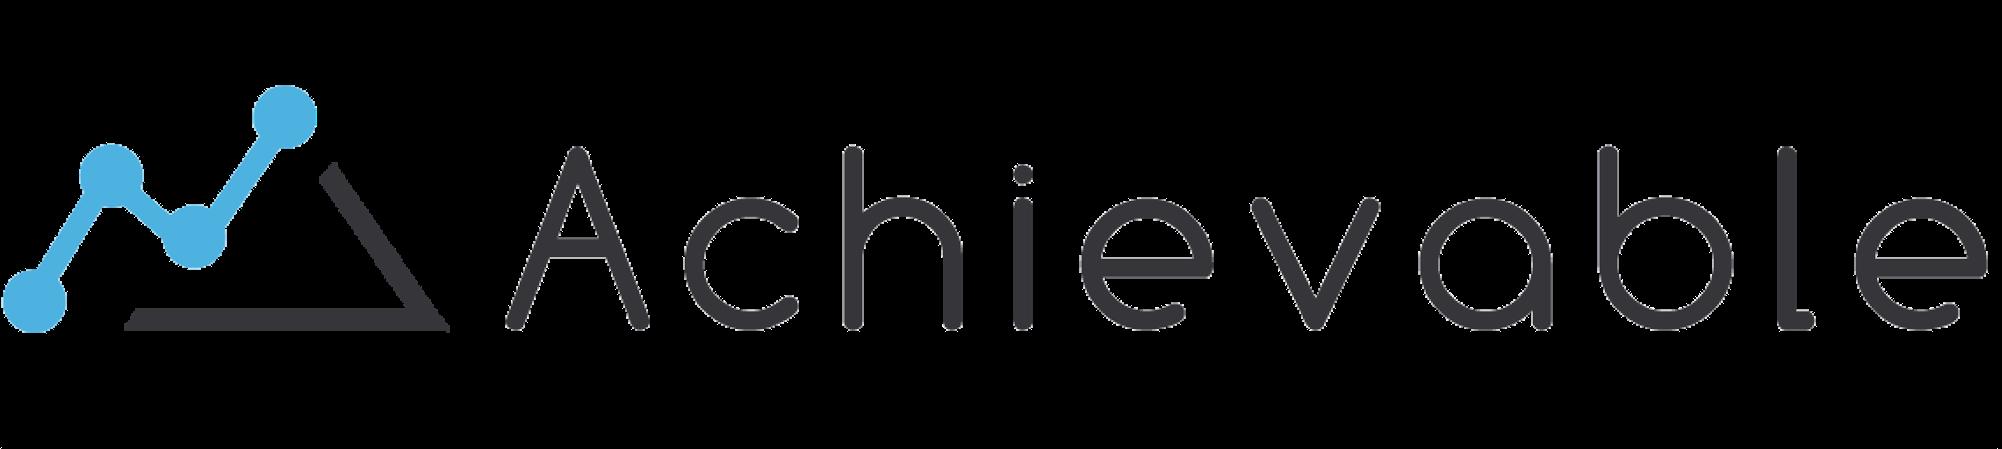 archievable-logo